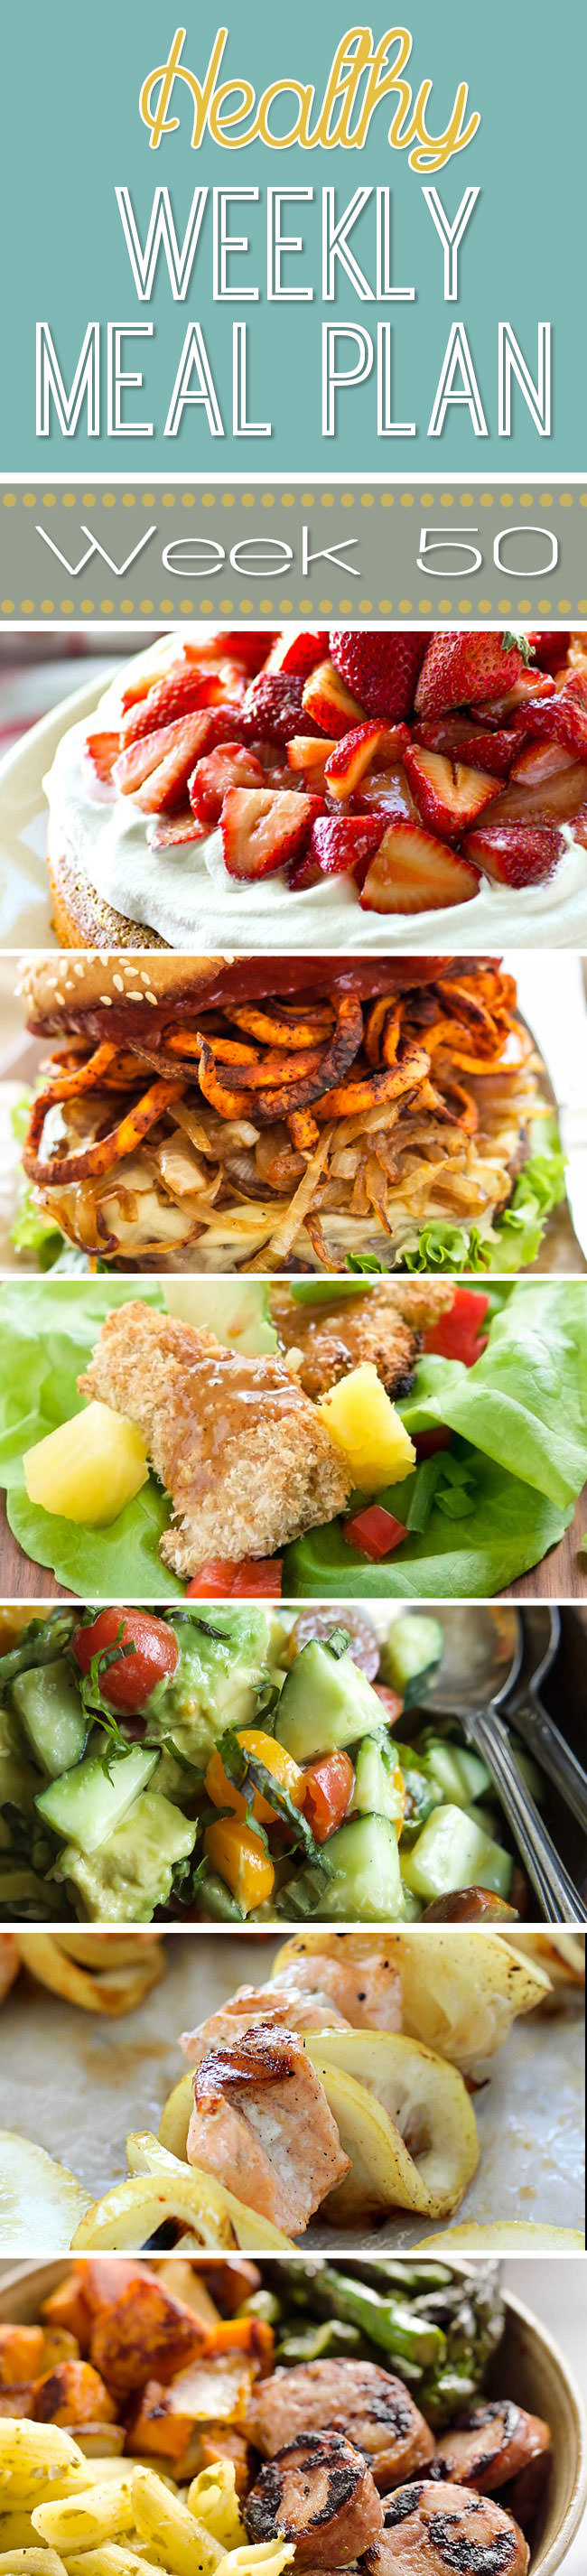 Healthy-Meal-Plan-Week-50-Vertical-Collage